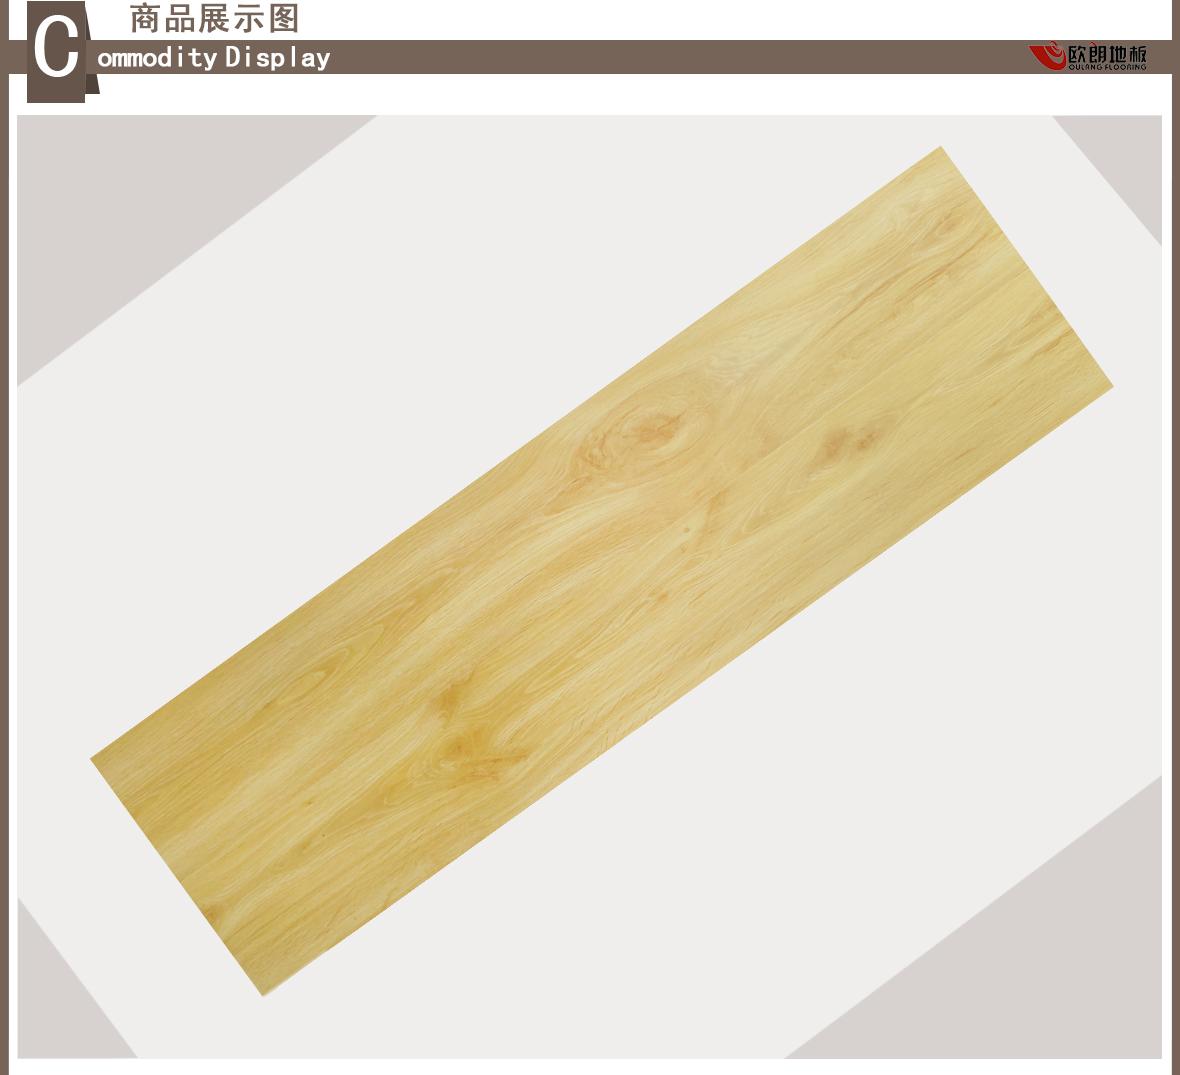 欧朗地板 GAG1119-A型号 强化复合地板 密度板 适用于地暖,图片、价格、品牌、评测样样齐全!【蓝景商城正品行货,蓝景丽家大钟寺家居广场提货,北京地区配送,领券更优惠,线上线下同品同价,立即购买享受更多优惠哦!】